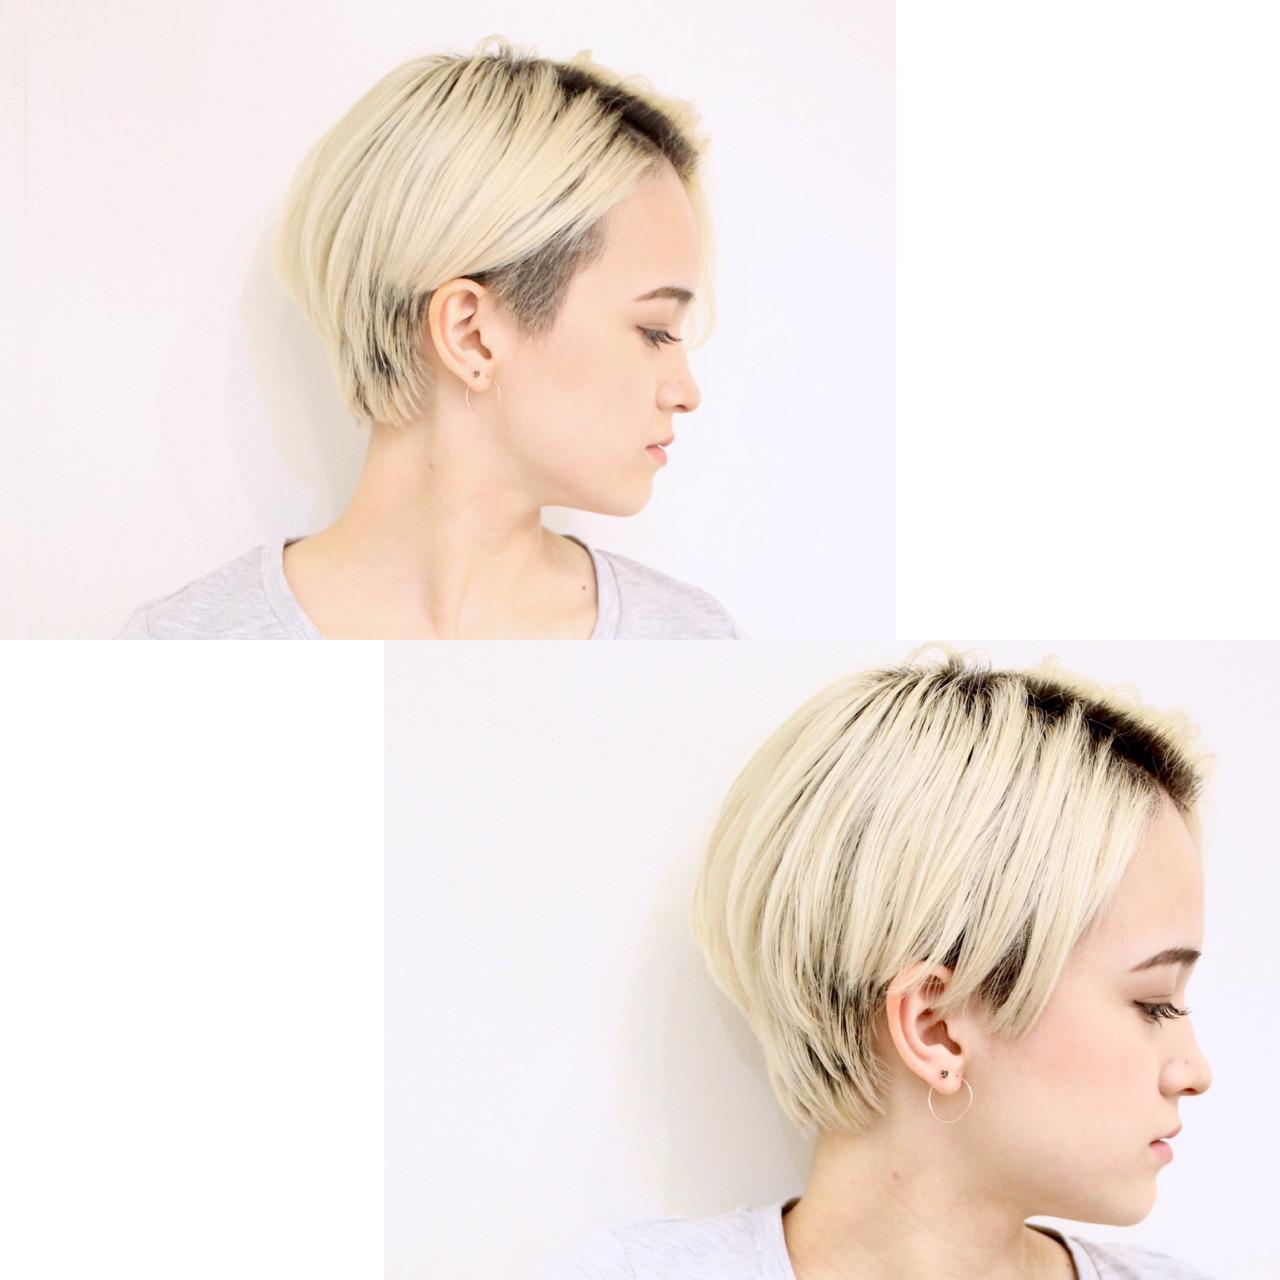 ショート 坊主 大人女子 ストレート ヘアスタイルや髪型の写真・画像 | 溝口優人 / Coast.